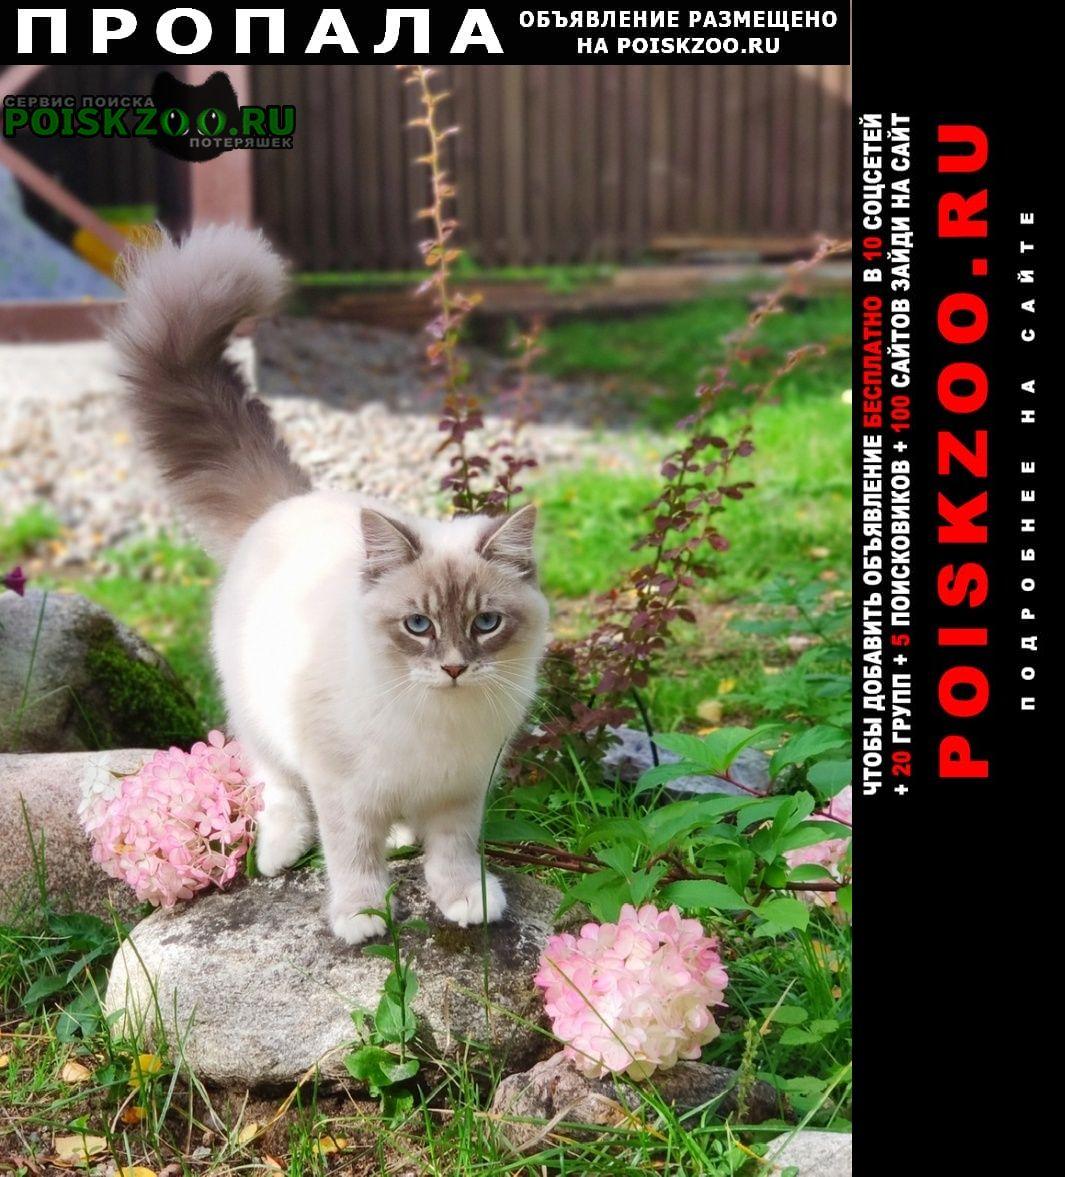 Пропала кошка Приозерск